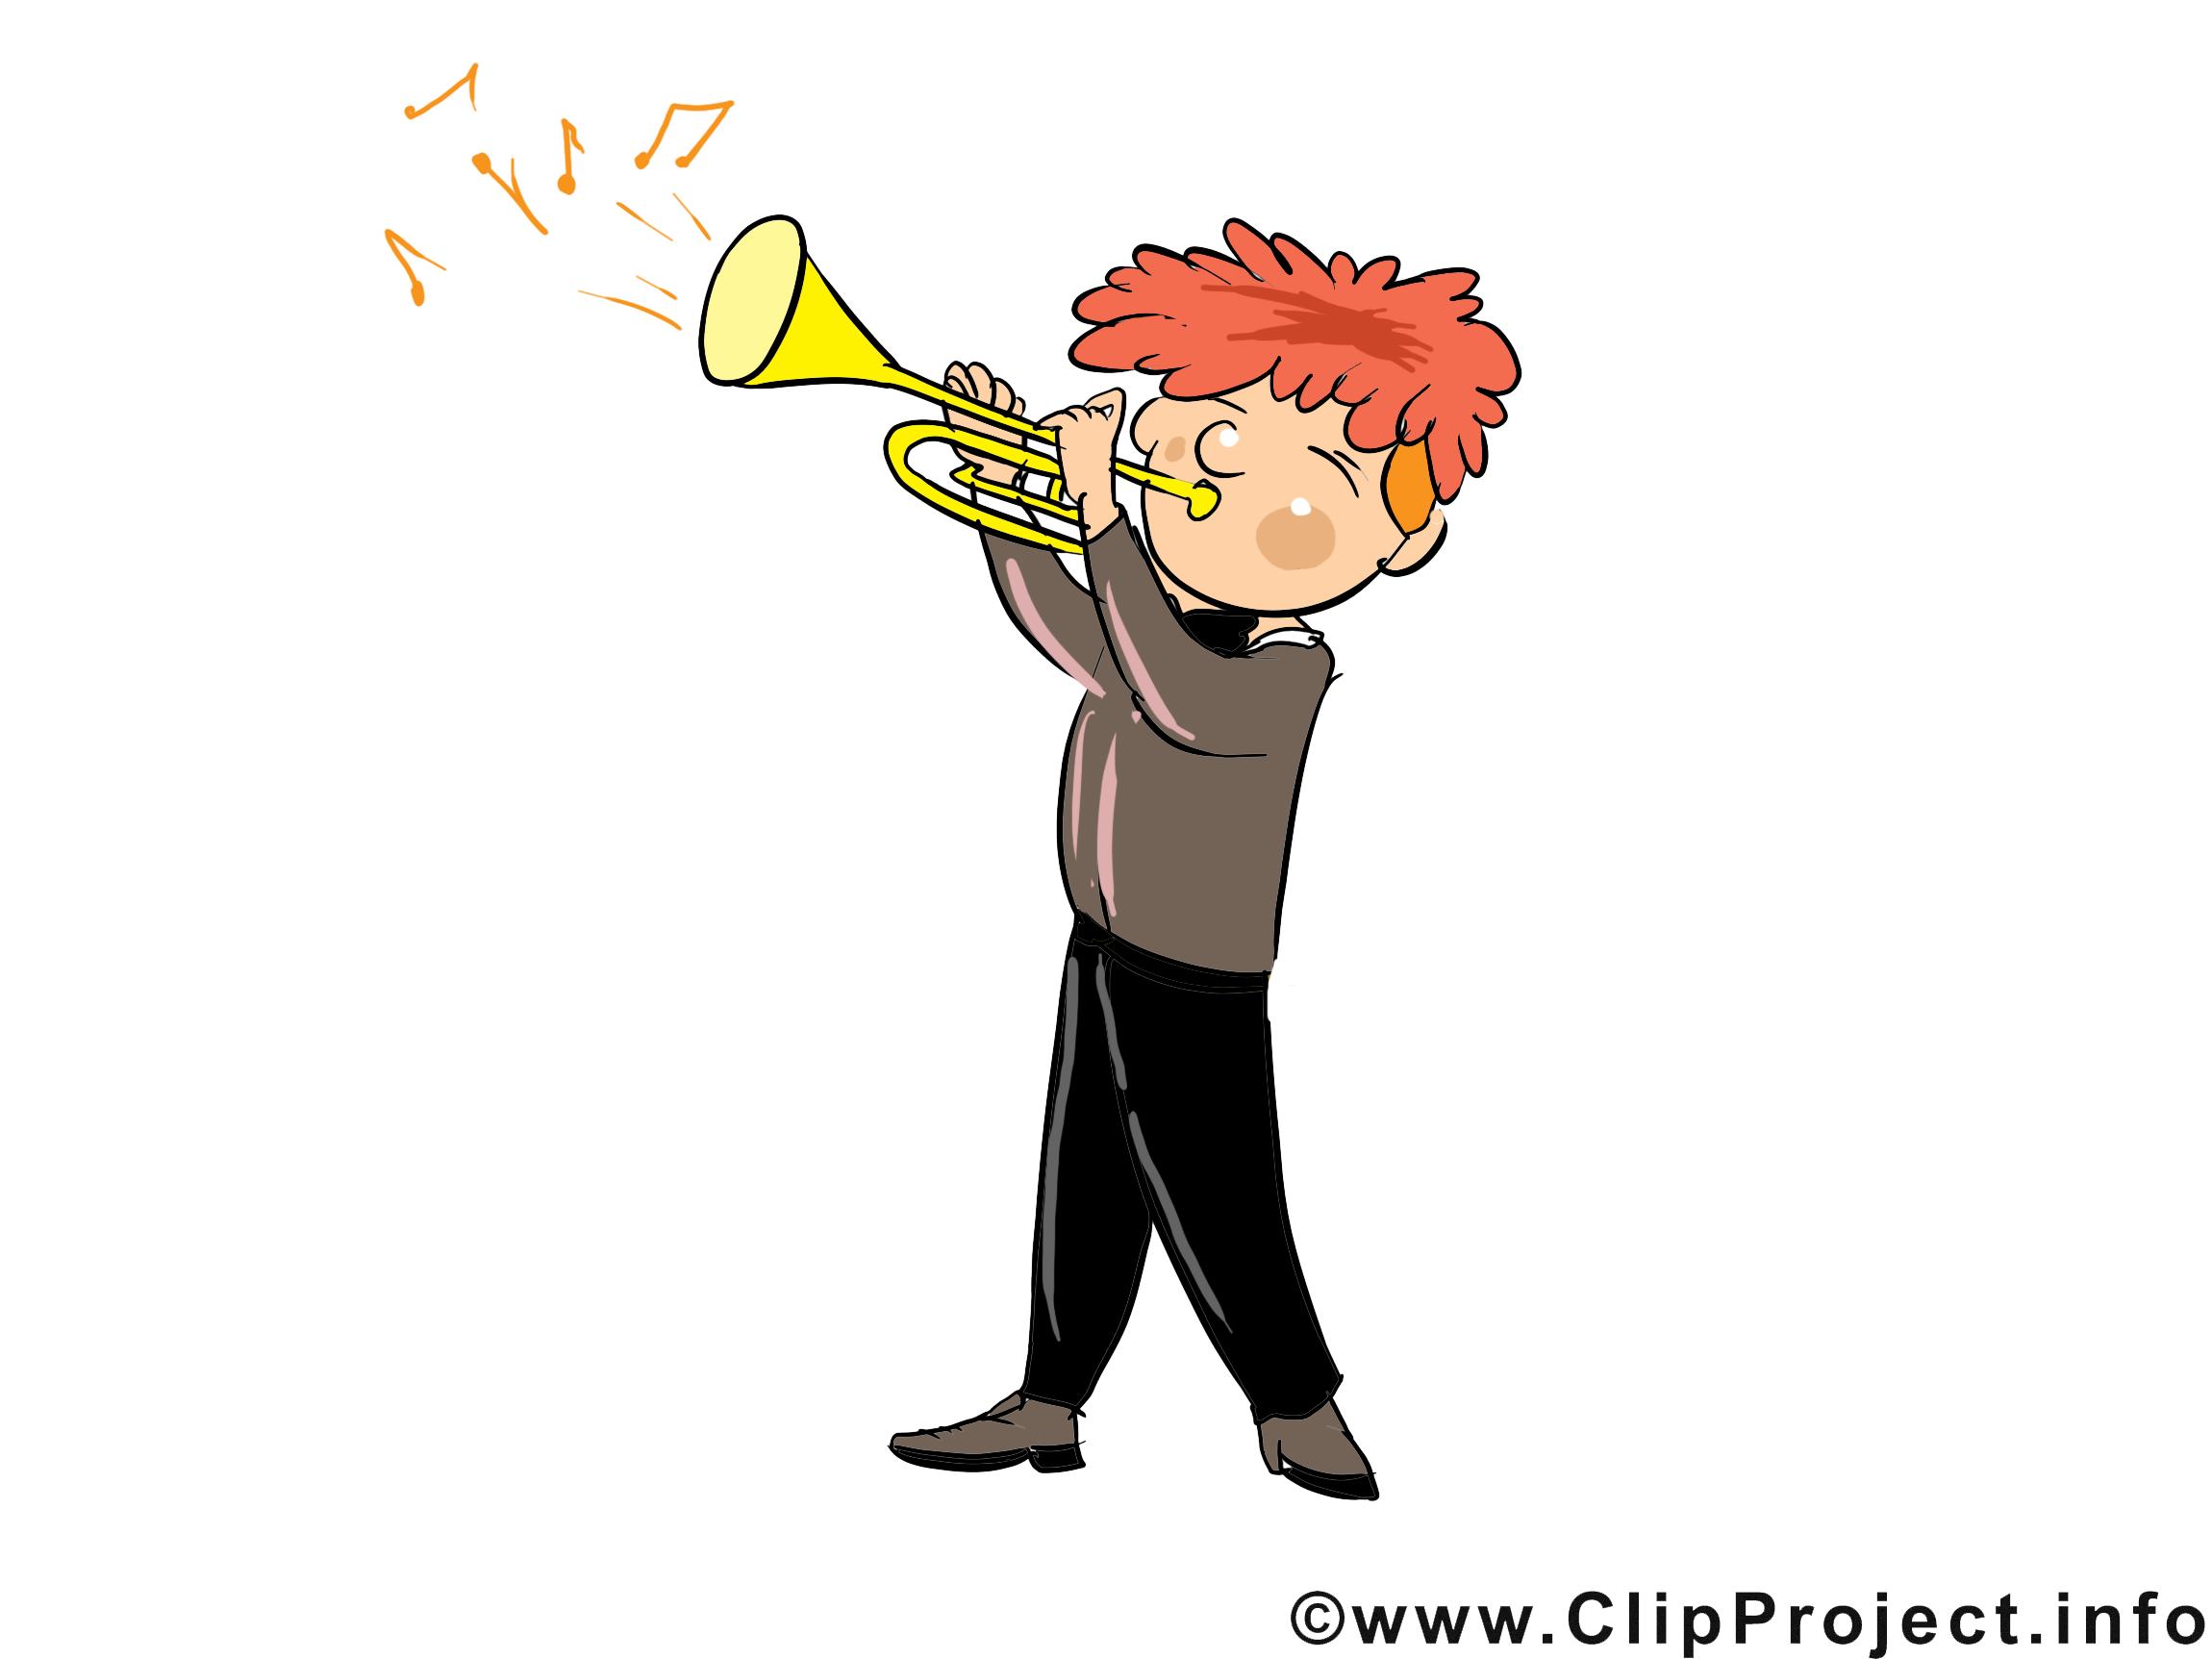 Musicien image gratuite - Soirée cliparts